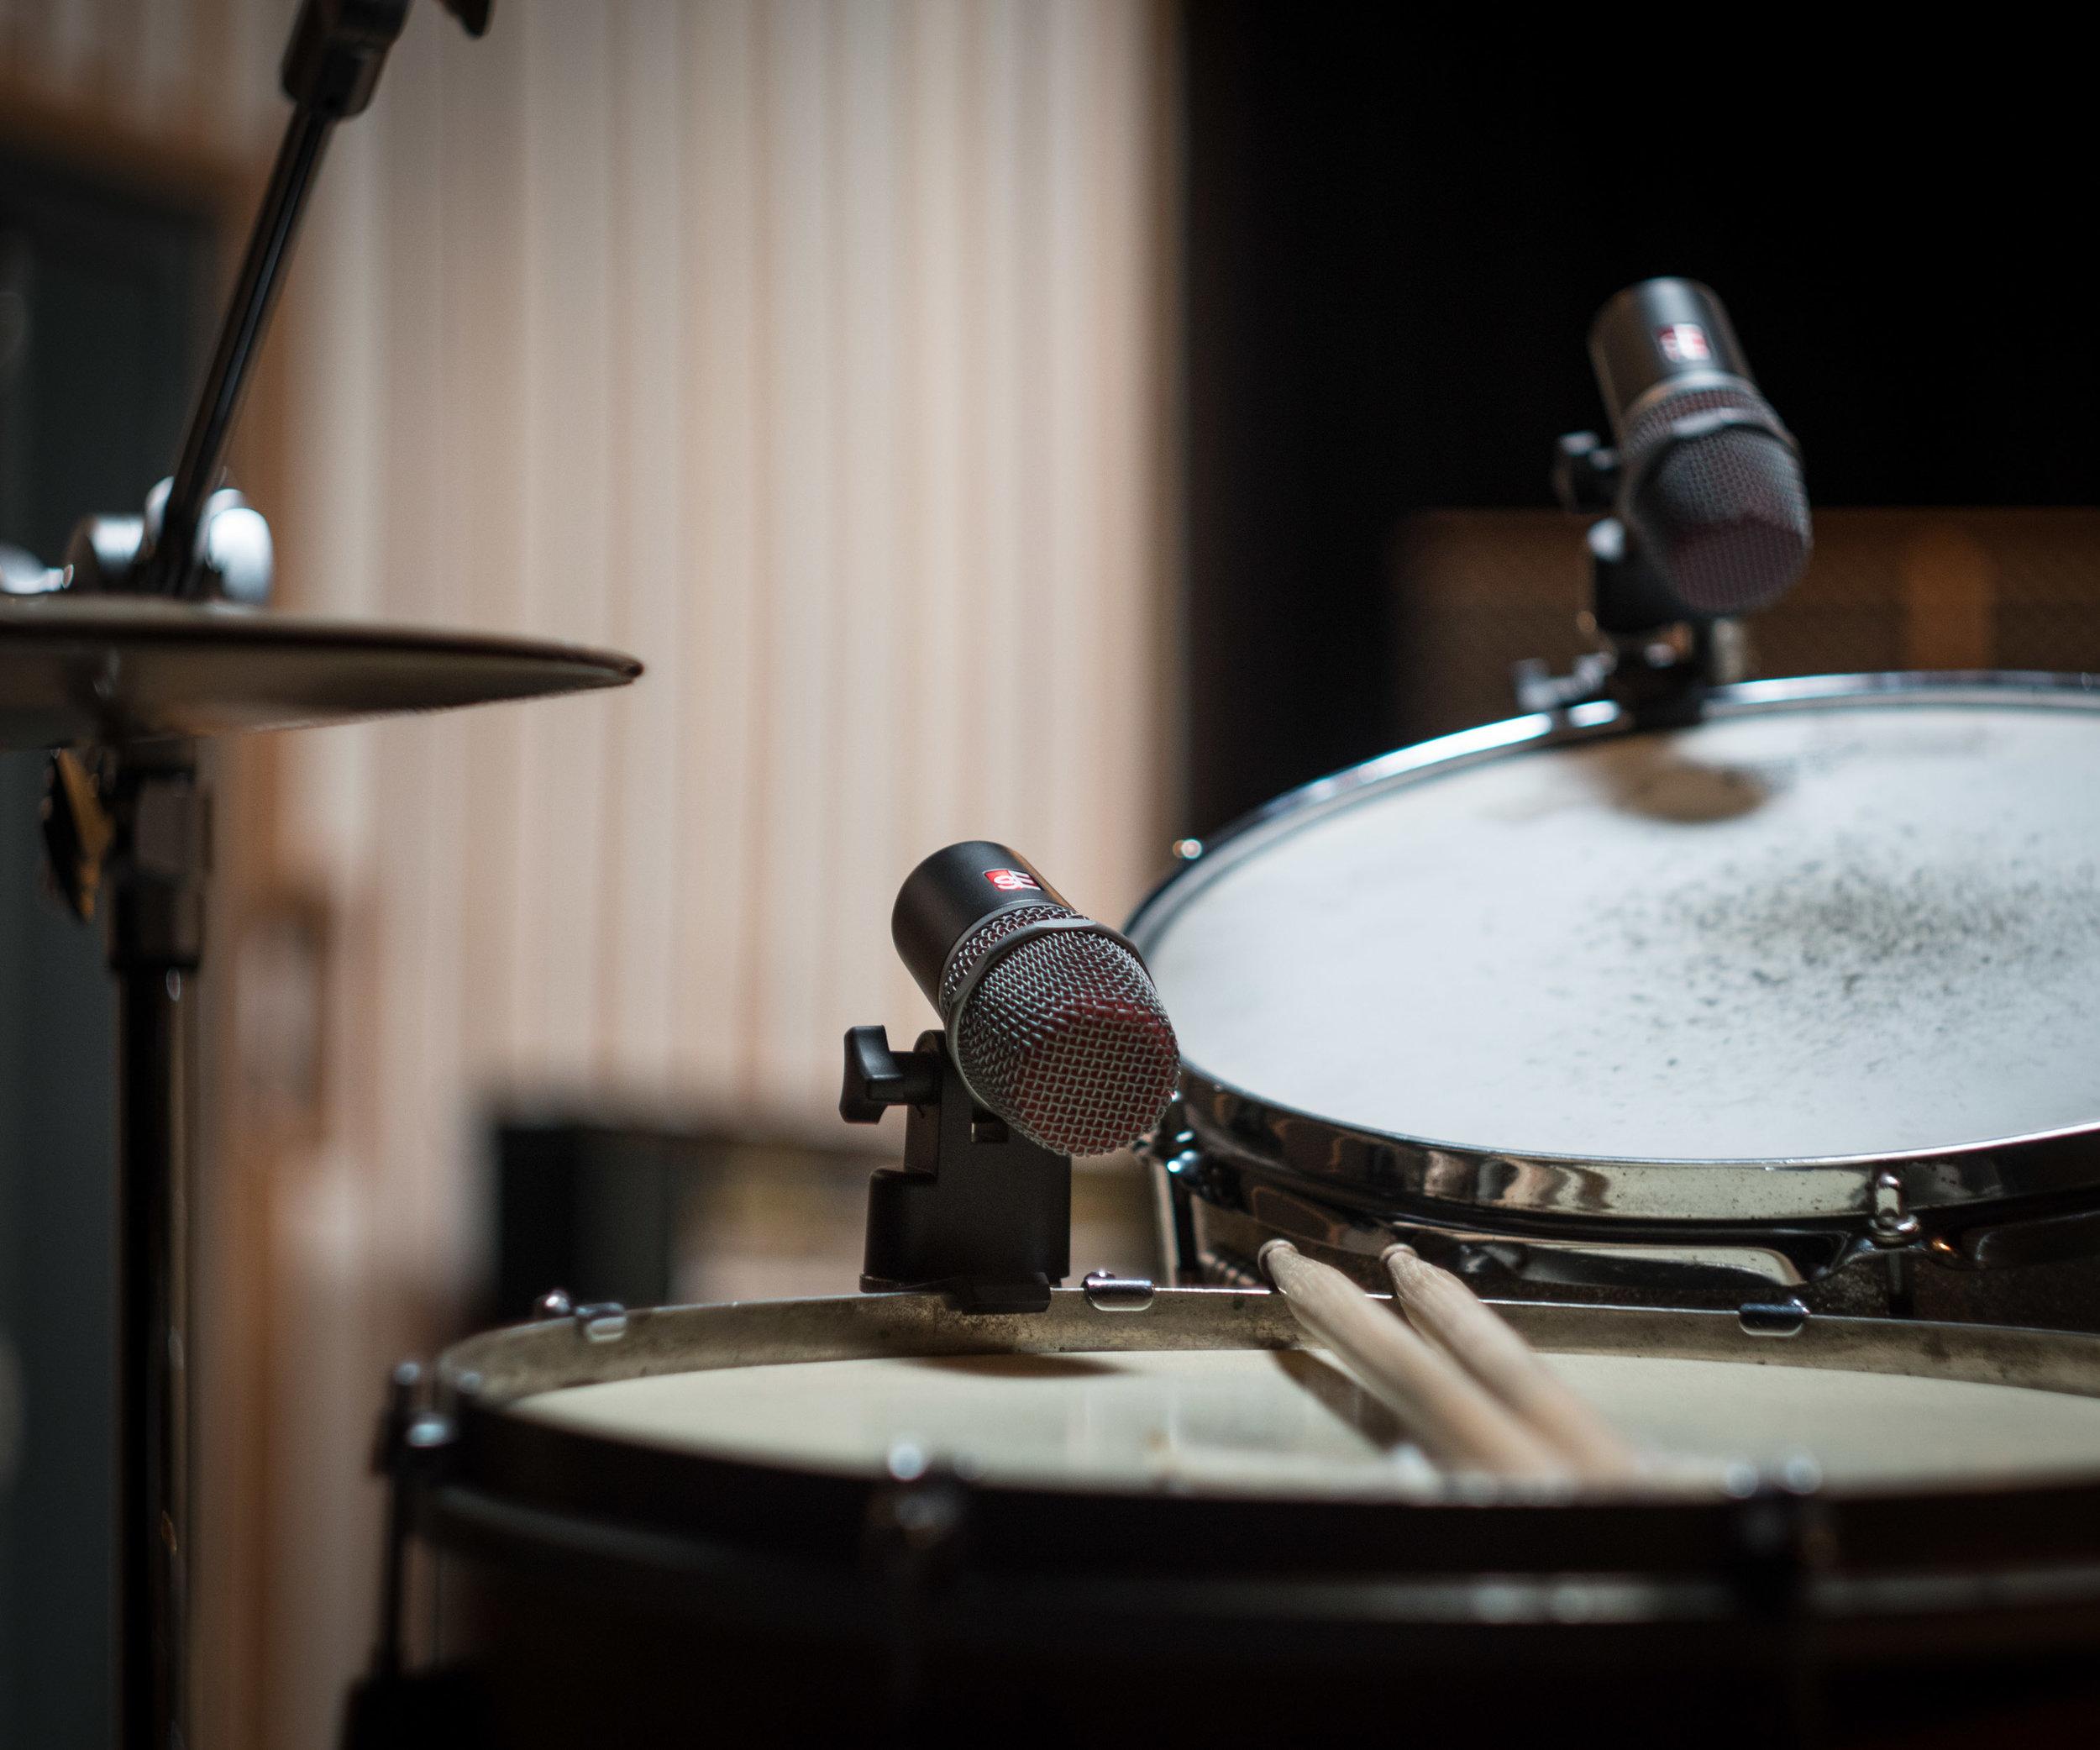 V-series-drums-med-16.jpg